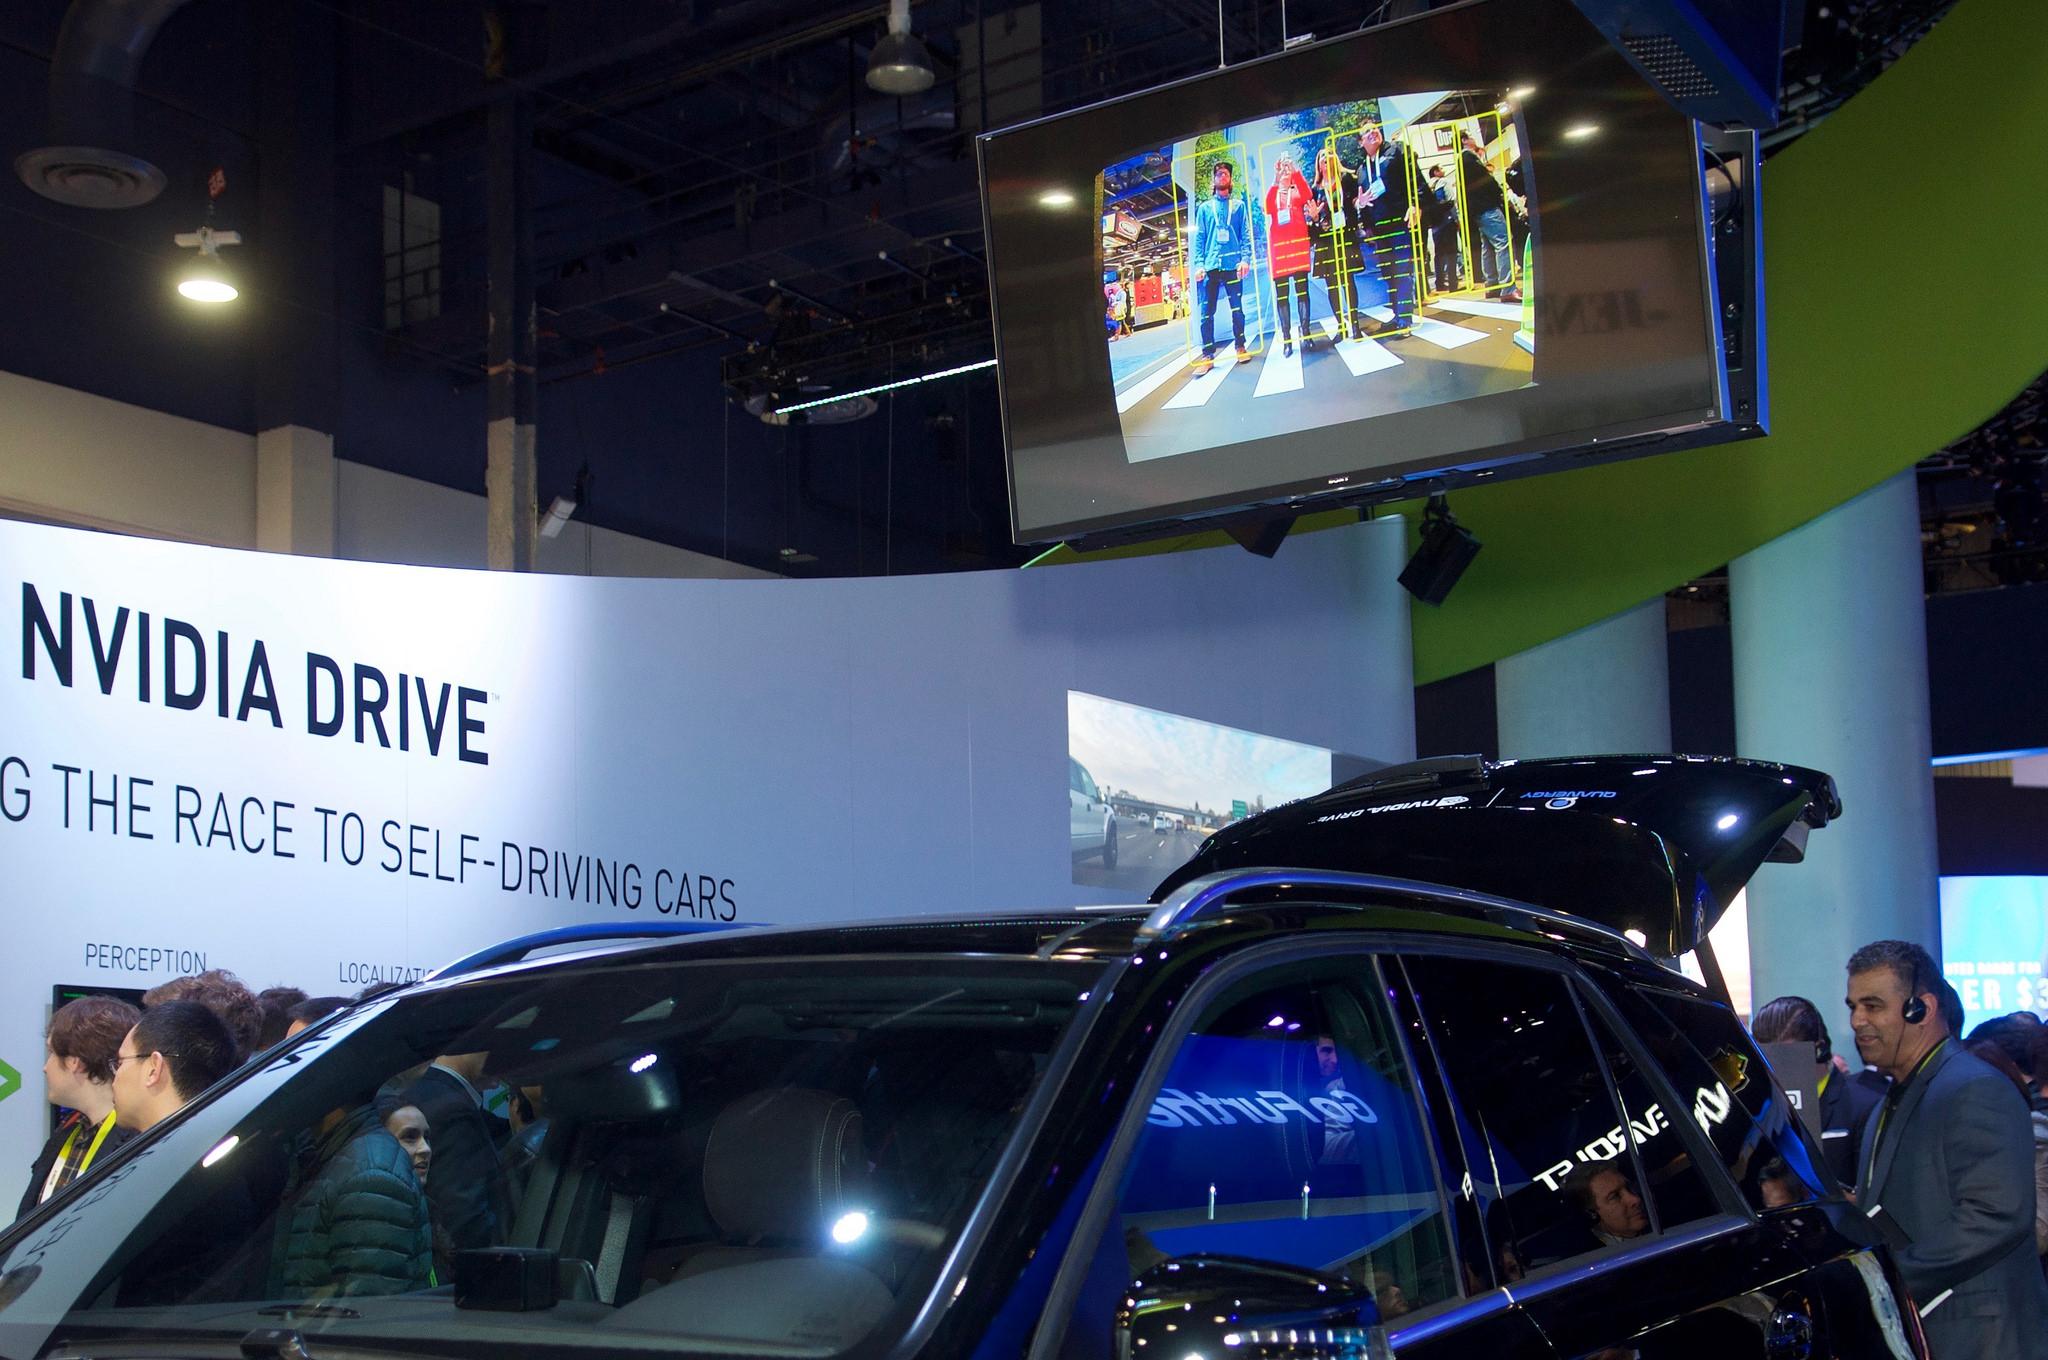 NVidia-Audi_SelfDrivingCar